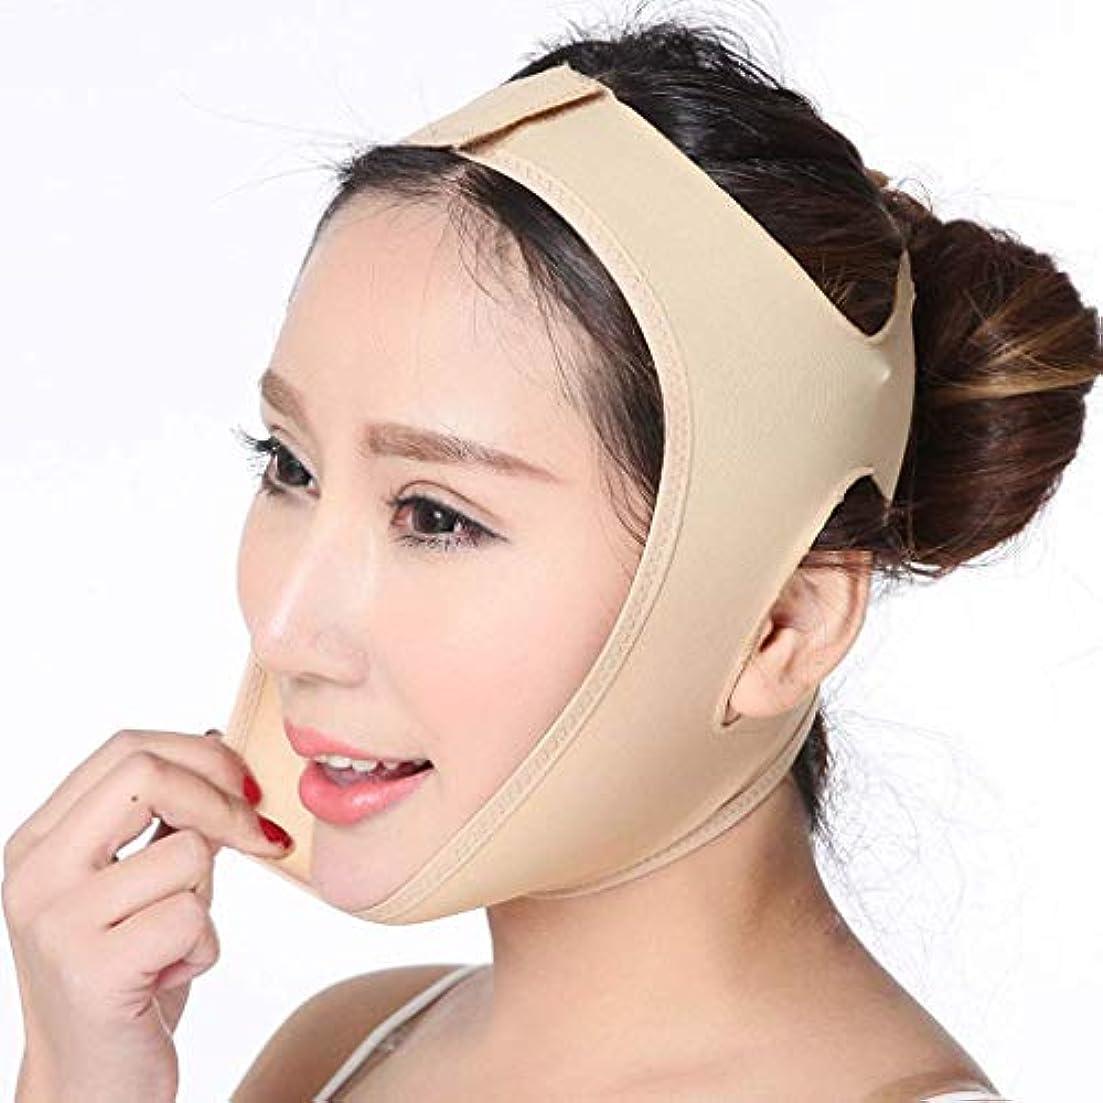 りんごテスピアンかび臭いフェイスリフティング包帯、スリムマスク頬紅顔/痩身包帯をスリミング睡眠とV顔は、二重あご通気性、肌を減らす (XXL)